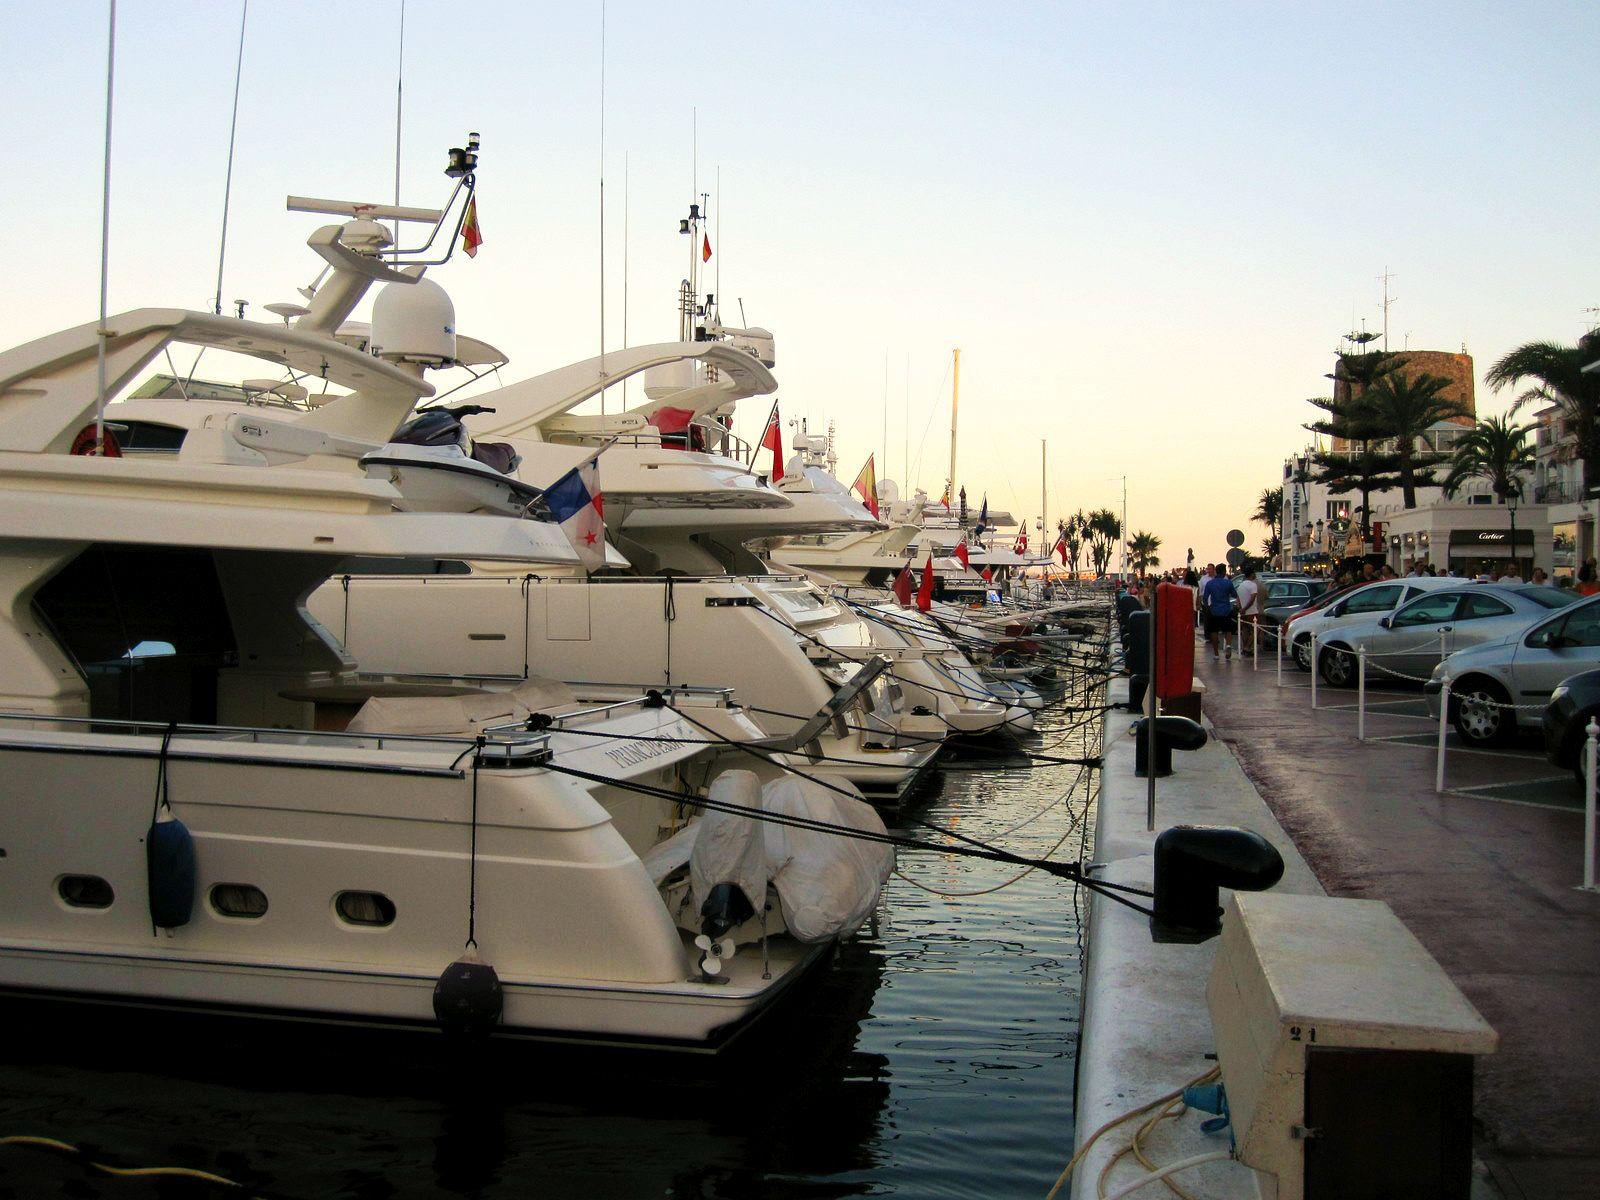 Puerto Banus, Marbella